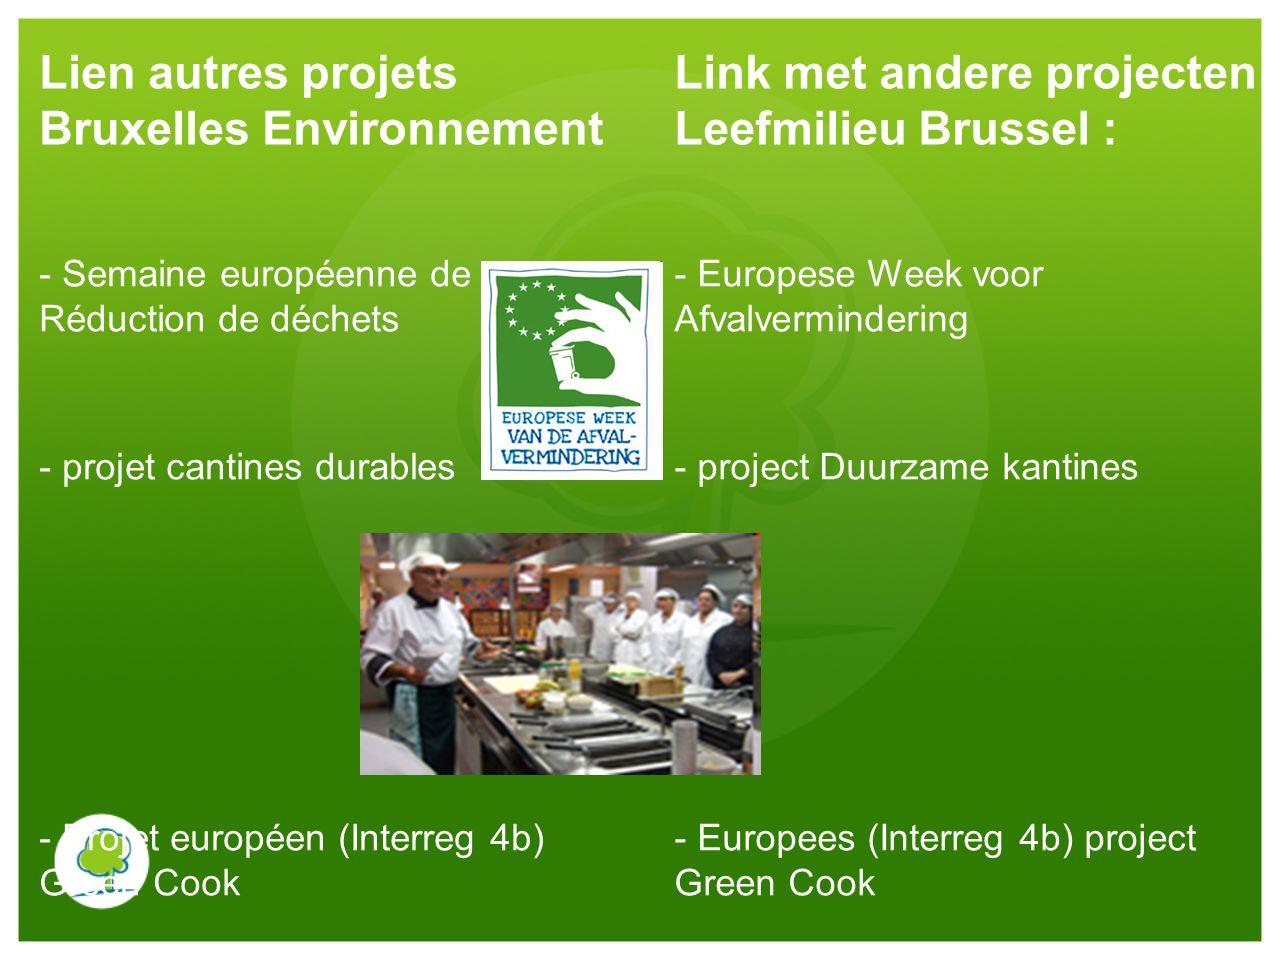 Lien autres projets Bruxelles Environnement